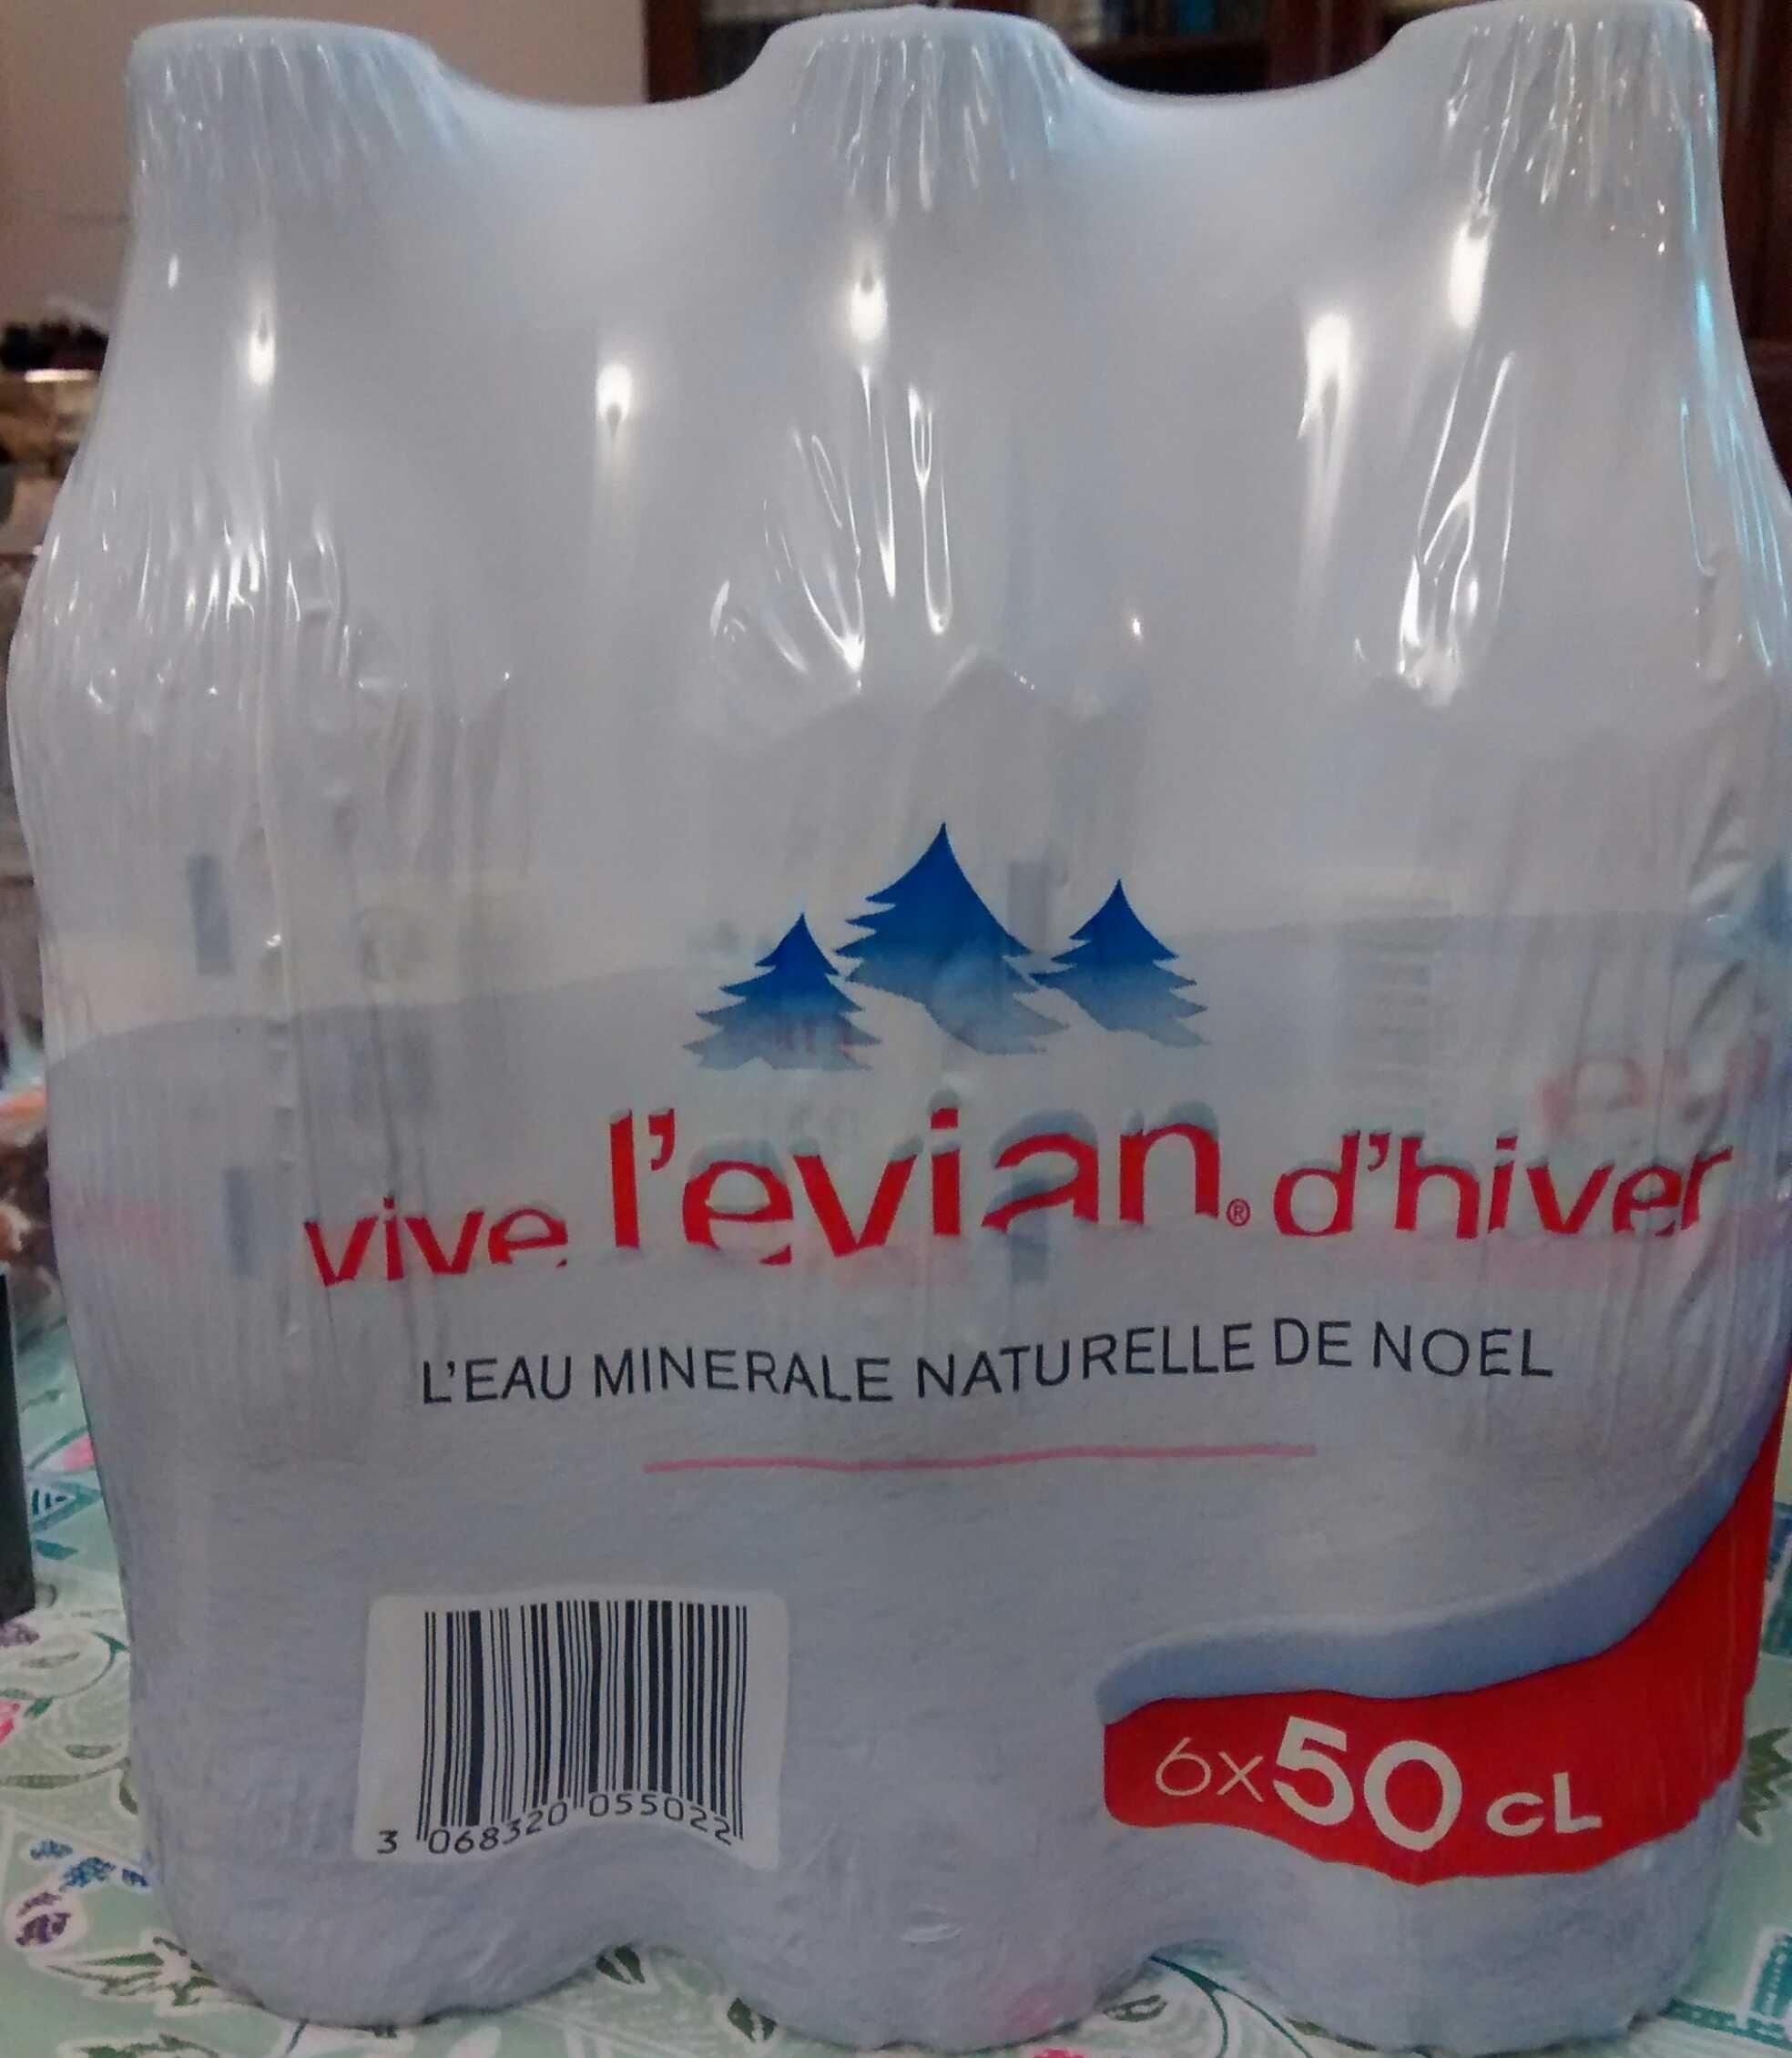 Pack de 6 bouteilles d'eau minérale naturelle de Noël (6 x 50cl) - Product